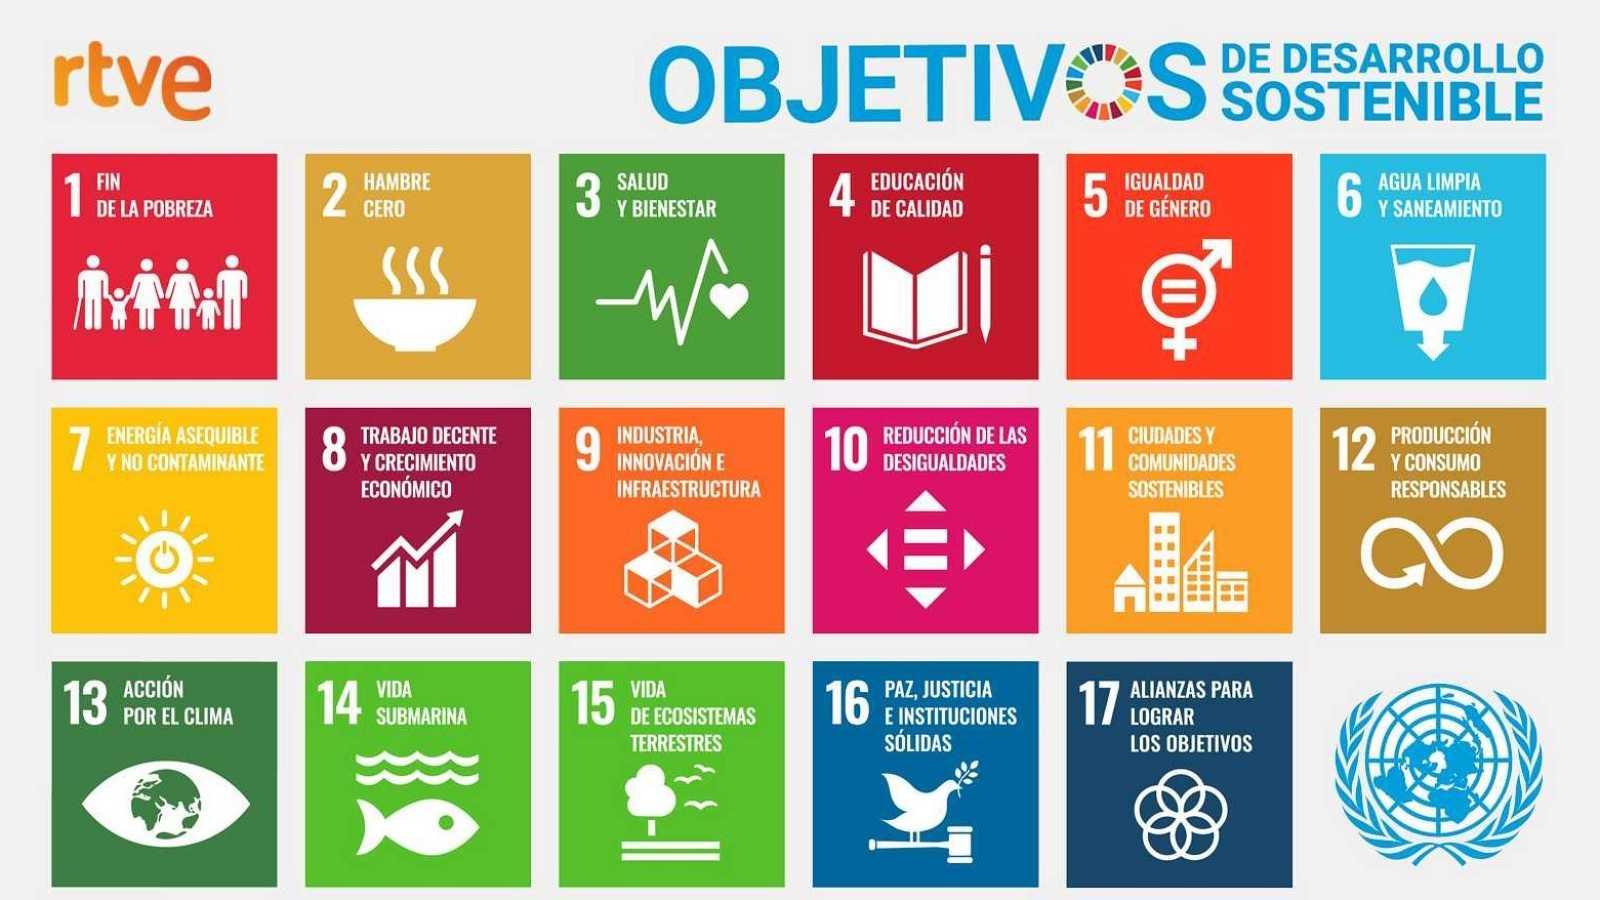 Infografía con los objetivos de Desarrollo Sostenible de la Agenda 2030